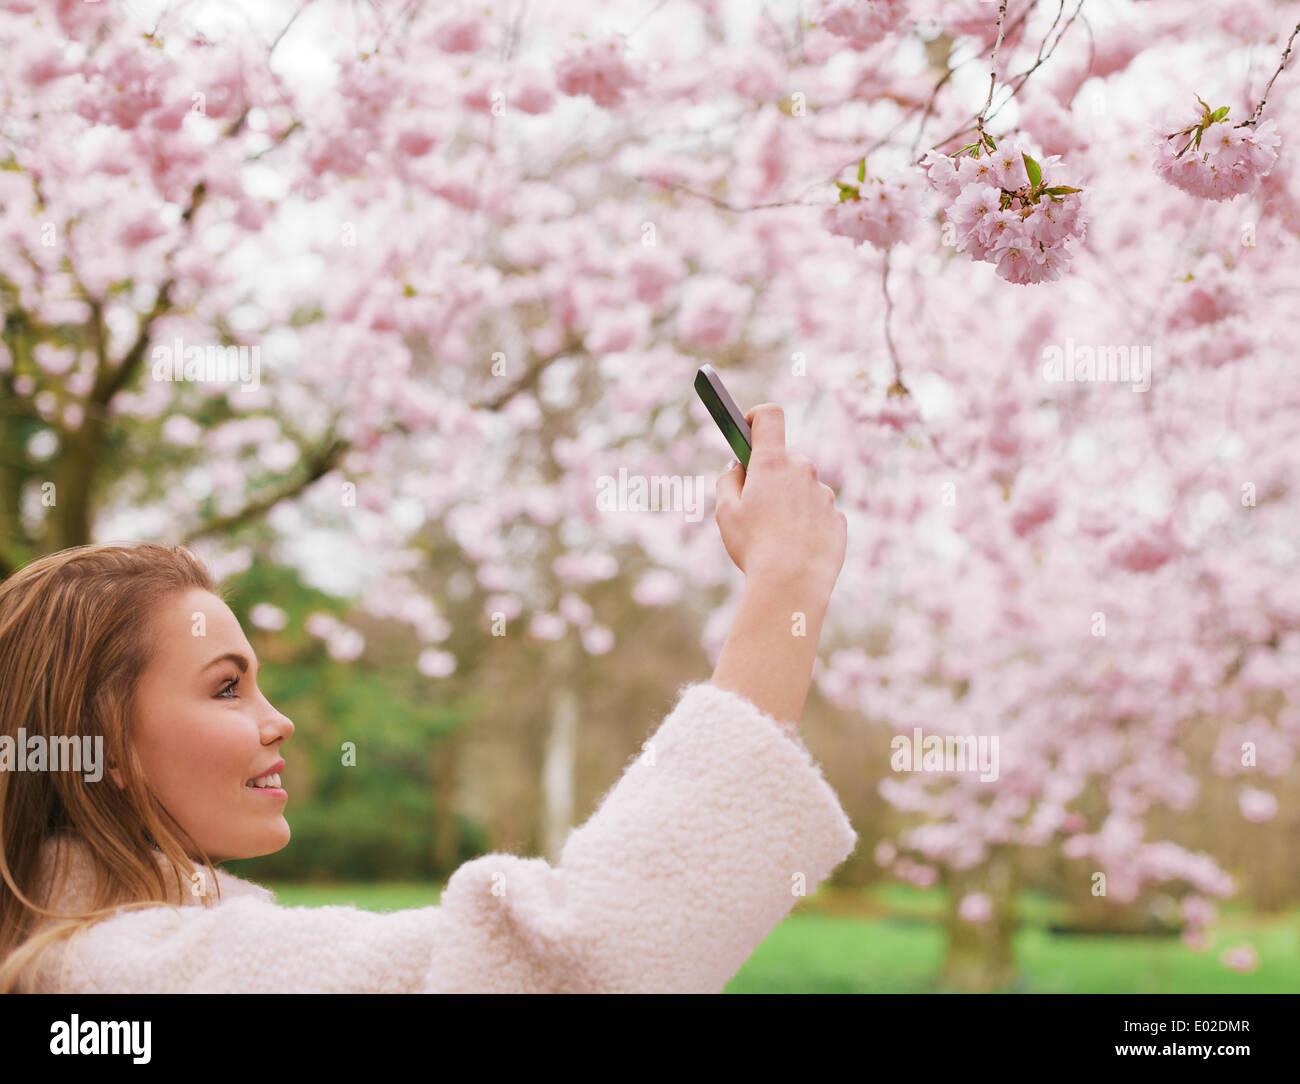 Atractiva mujer joven tomando fotografías de flor rosa flores en un parque de la primavera en flor. Hermosa hembra caucásica disparar. Imagen De Stock